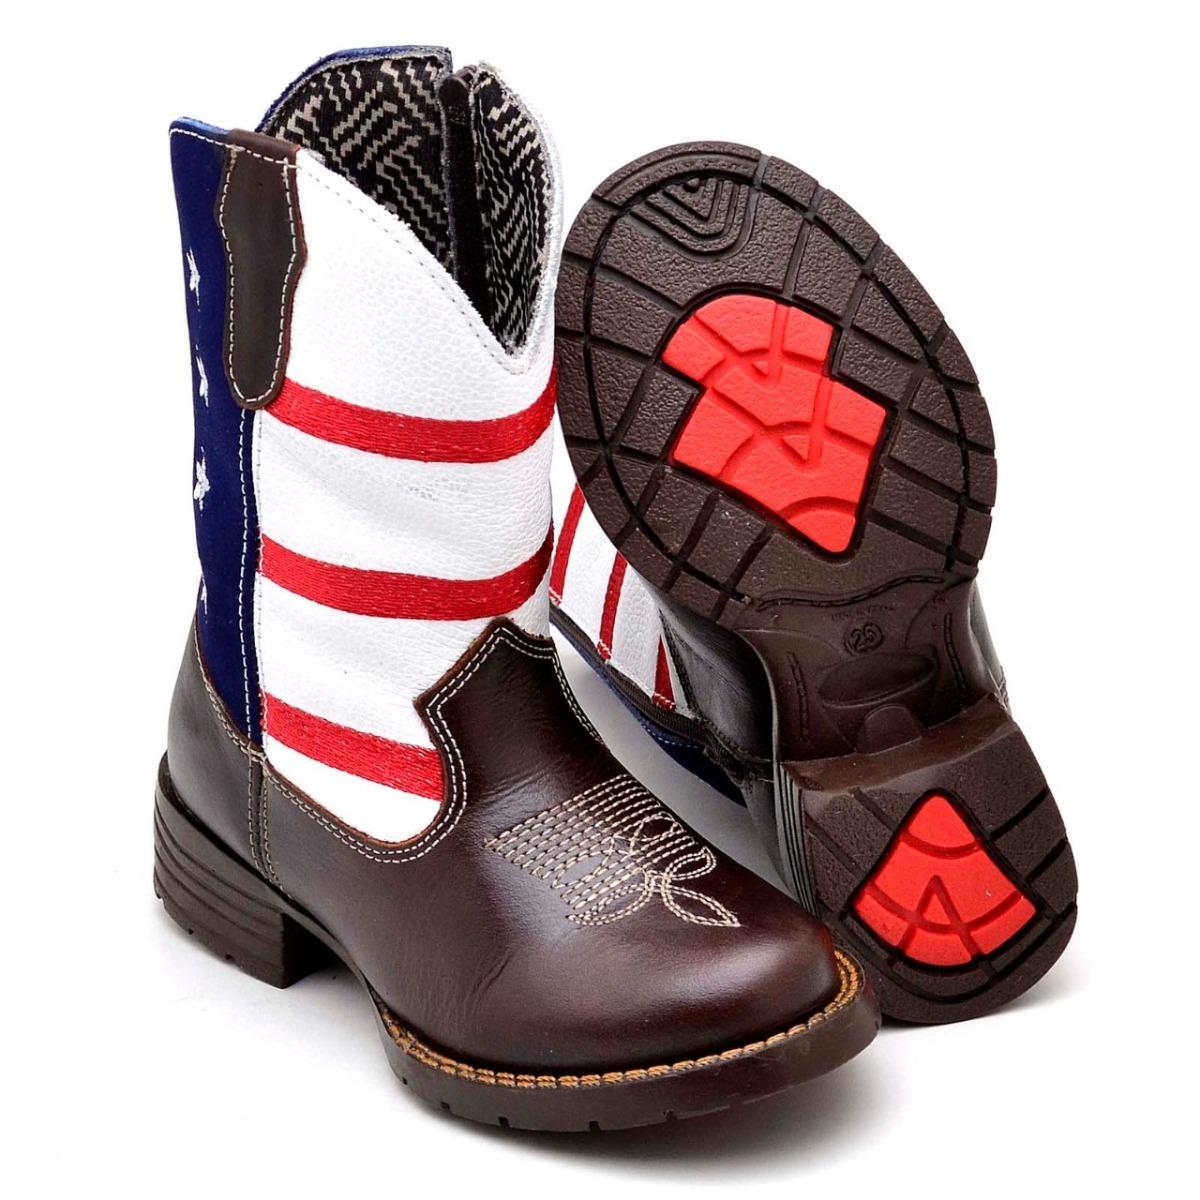 dec7ace3d5363 bota infantil country texana masculina 100% couro rodeio eua. Carregando  zoom.